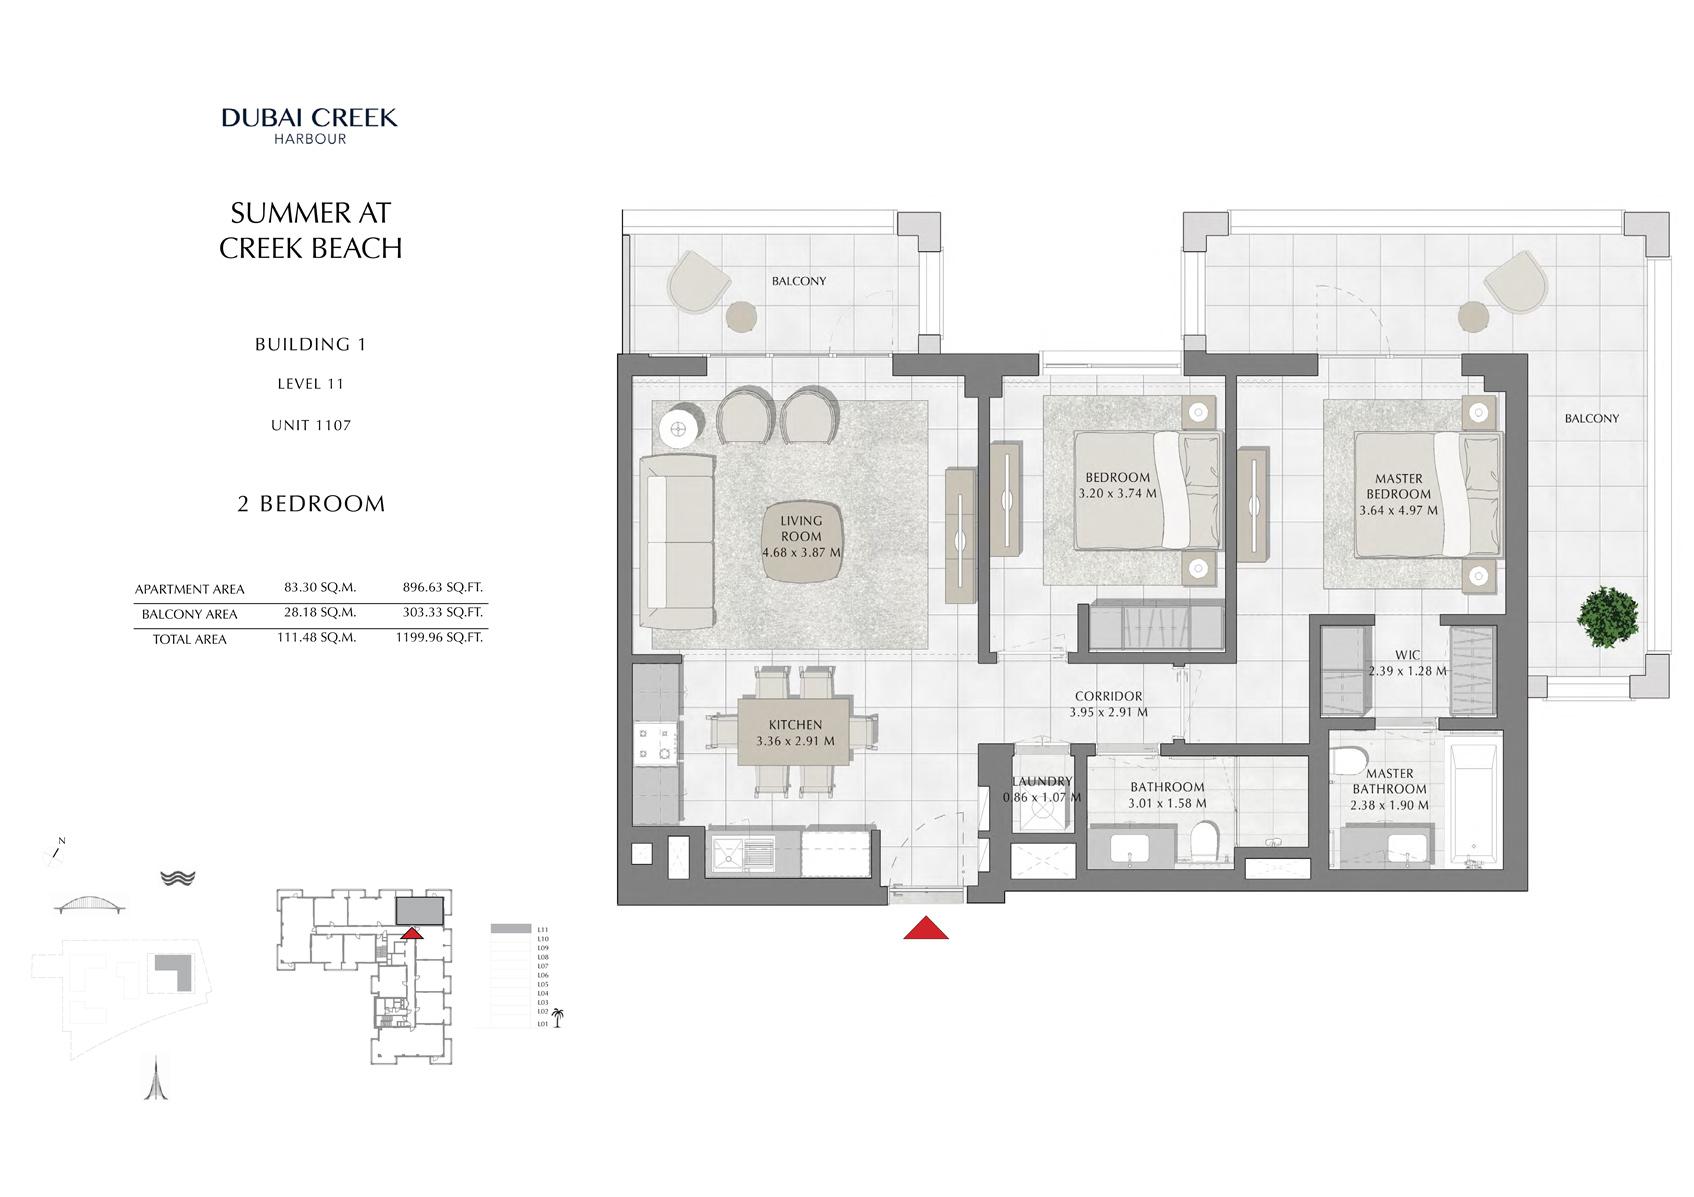 2 Br Building 1 Level 11 Unit 1107, Size 1199 Sq Ft